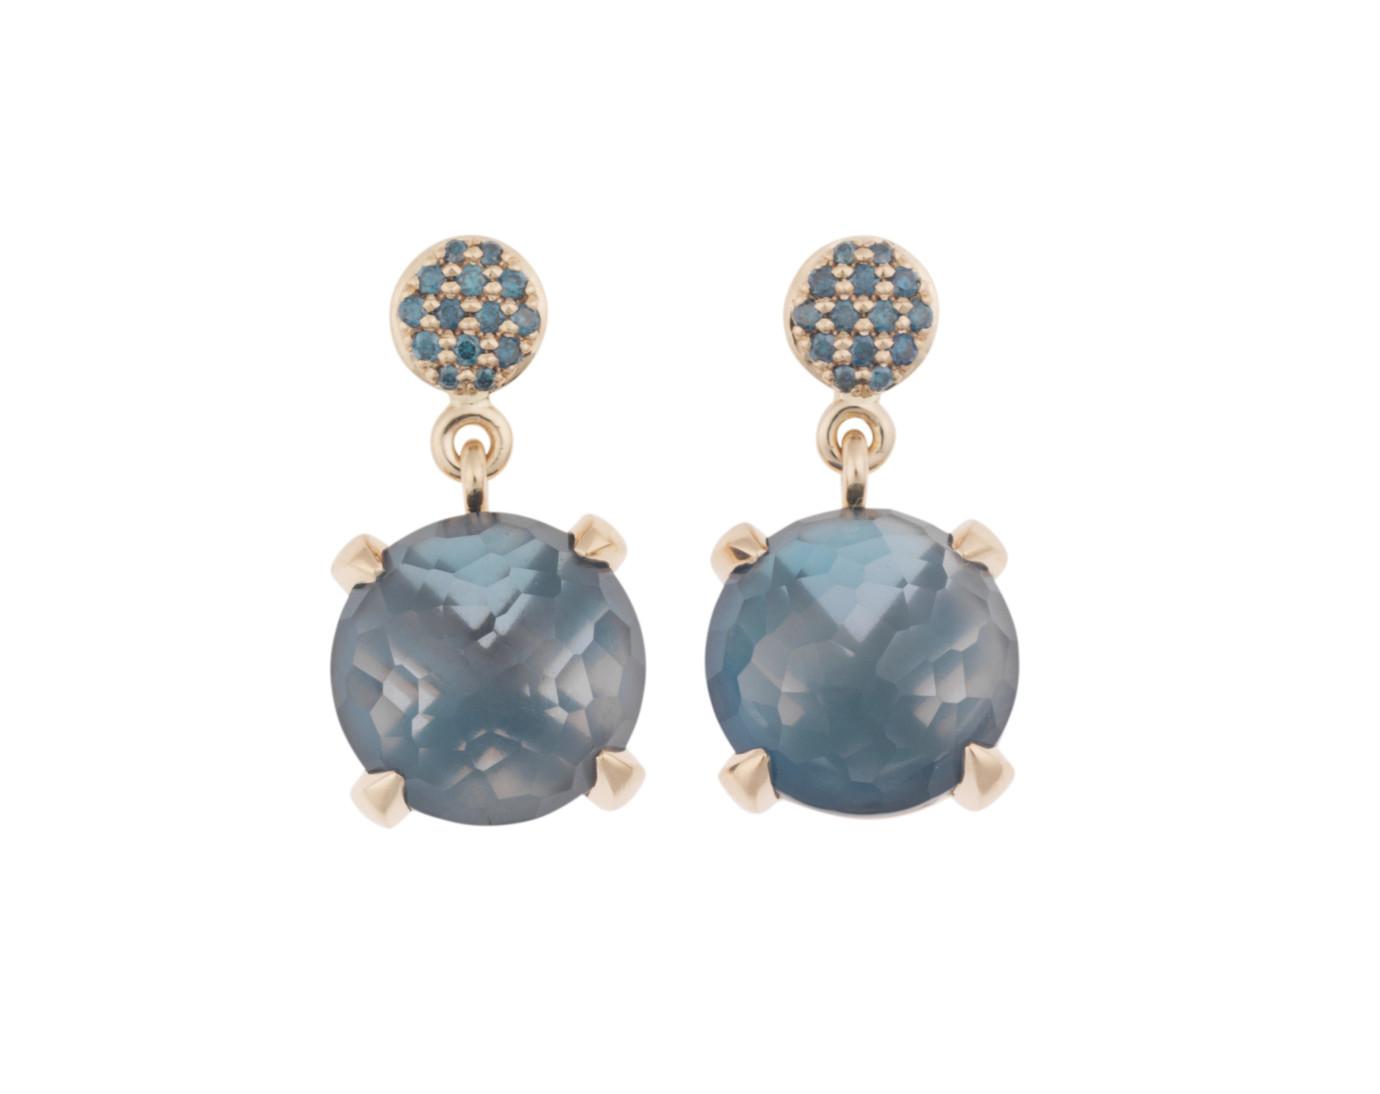 Bron Jewelry collectie